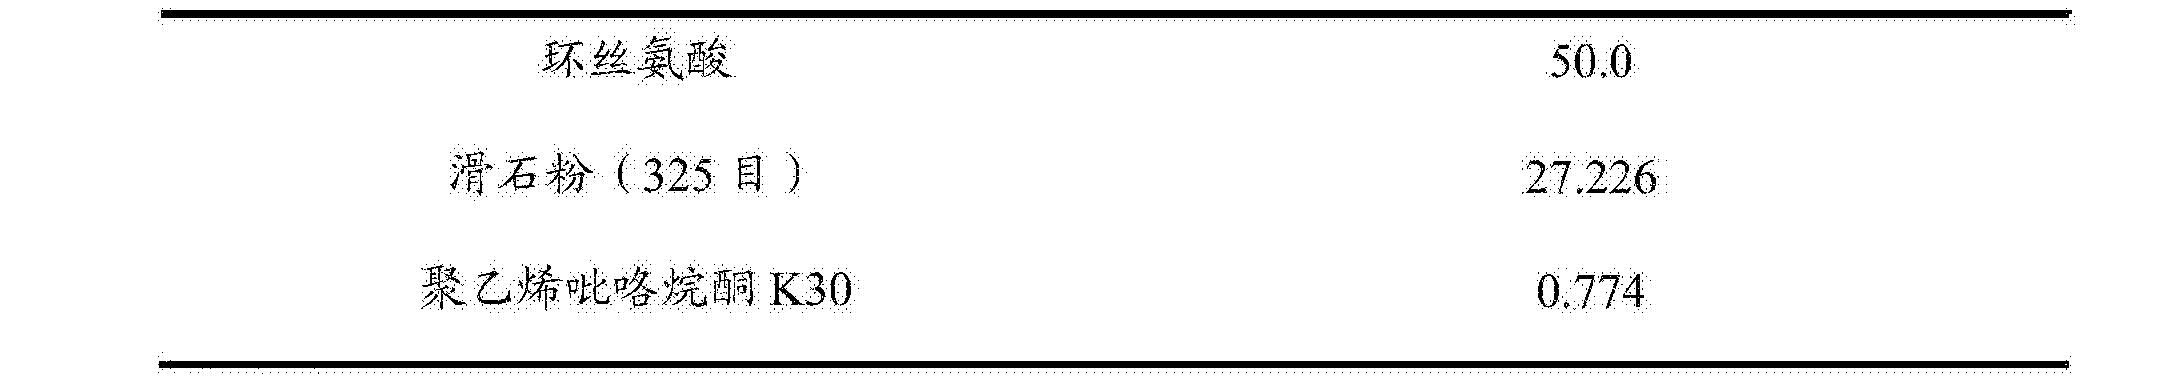 Figure CN105476976BD00221